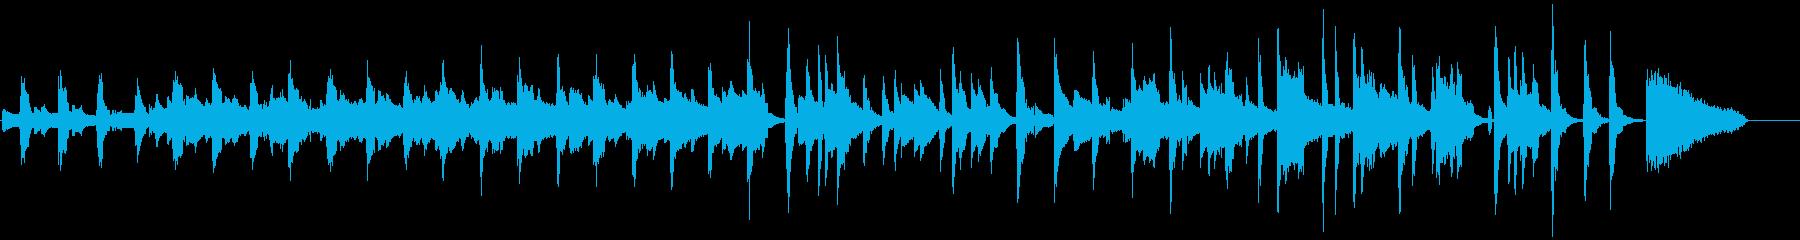 オシャレでかわいい日常BGMの再生済みの波形